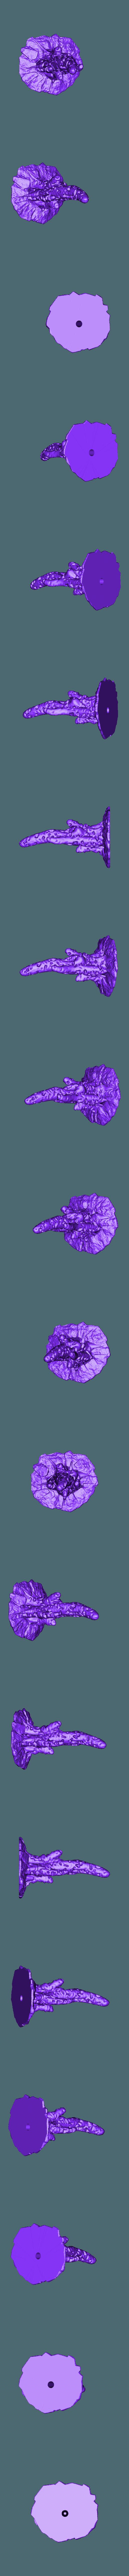 """BlobPlant01c.stl Télécharger fichier STL gratuit Installation de table : """"Blob Plant"""" (Végétation exotique 13) • Objet pour impression 3D, GrimGreeble"""